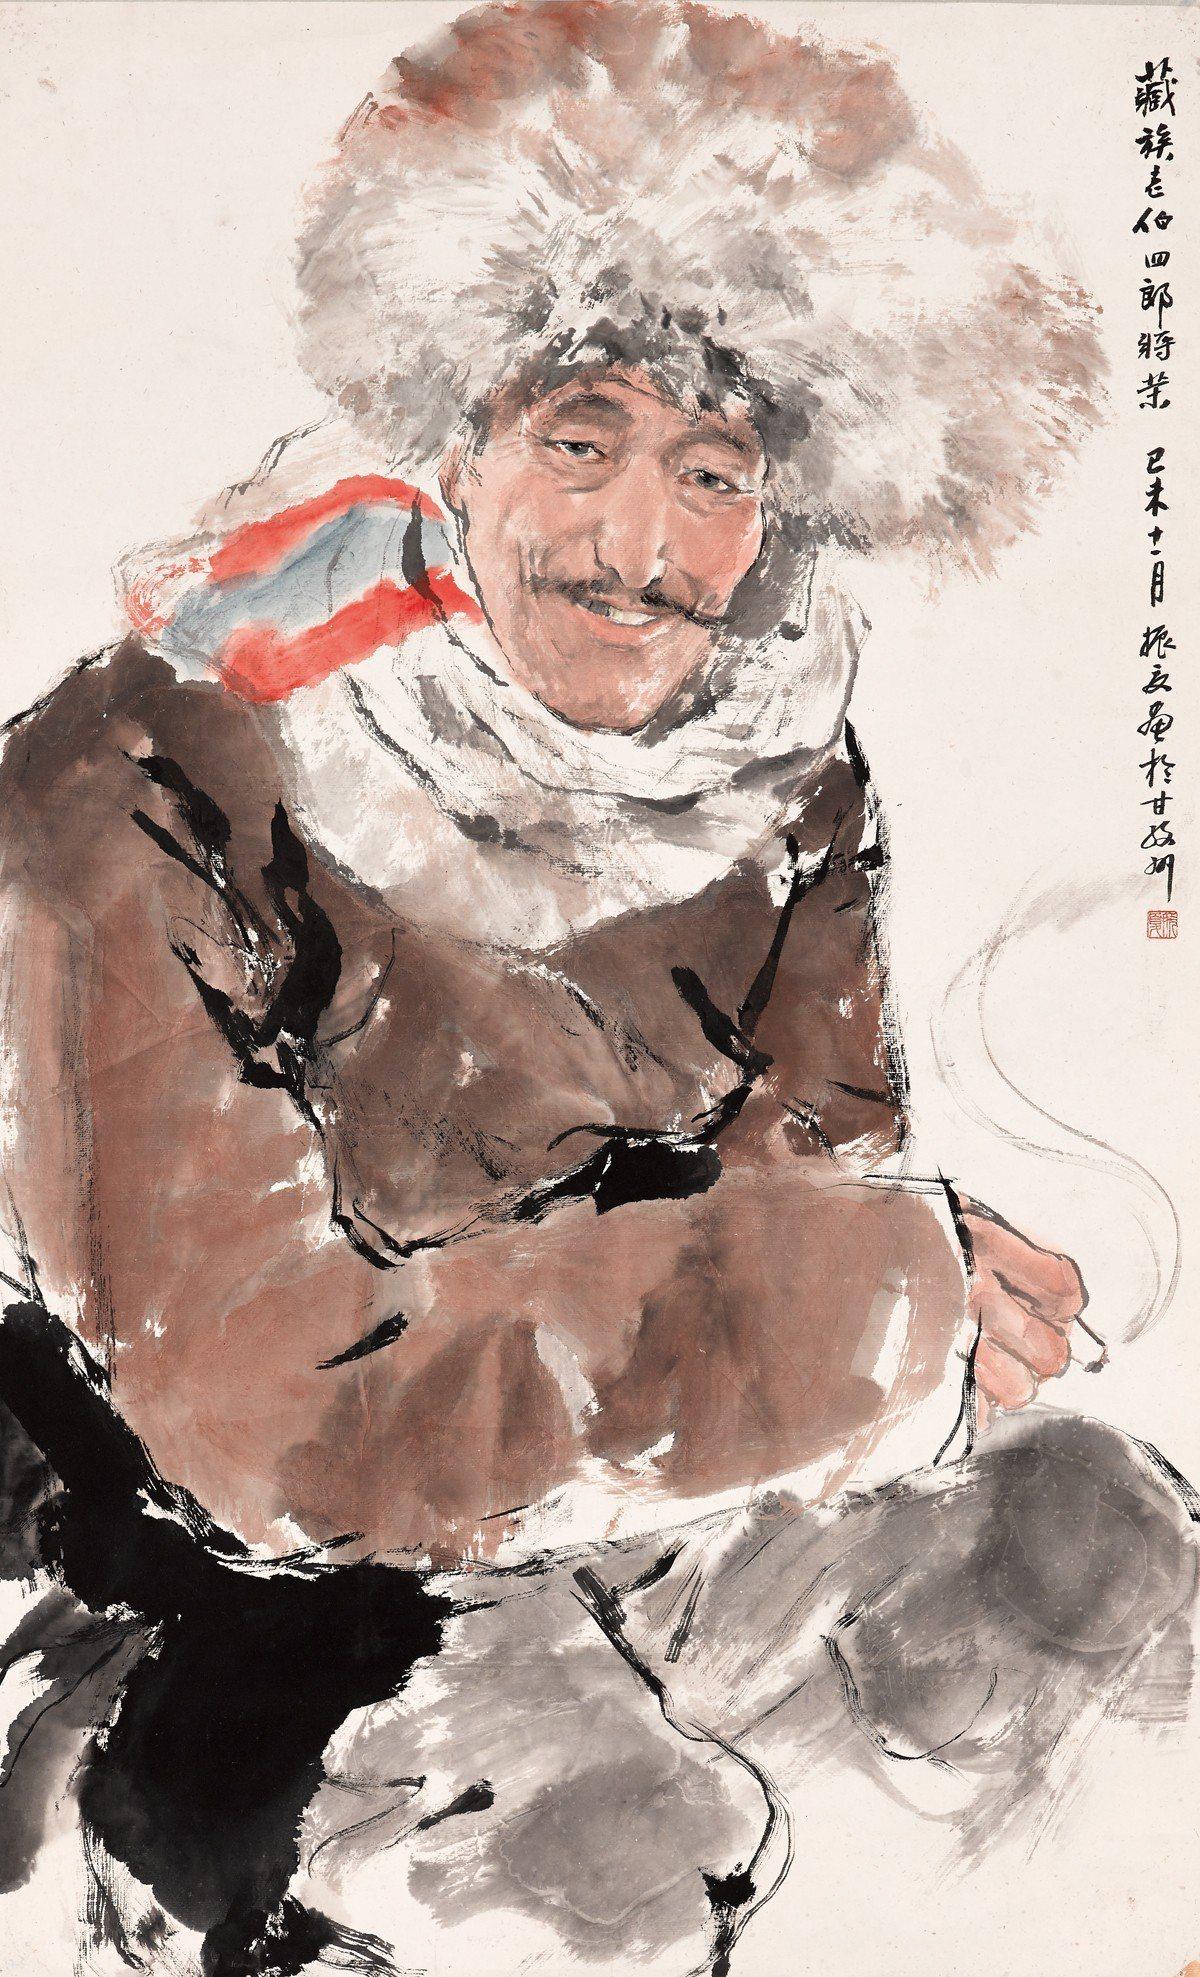 劉振夏 四郎 1979 95.3x58.4cm